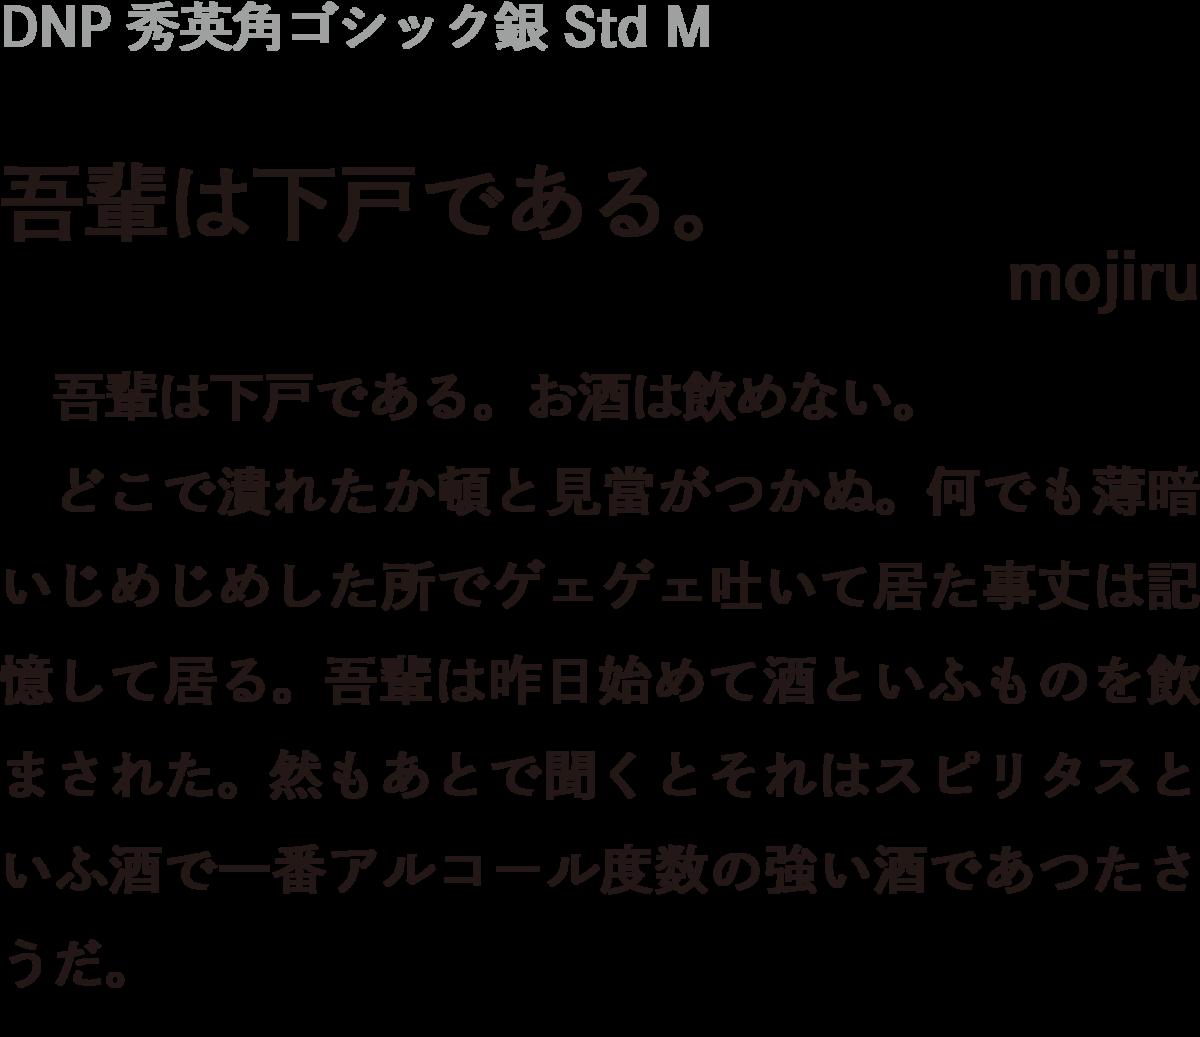 f:id:mojiru:20190411101143p:plain